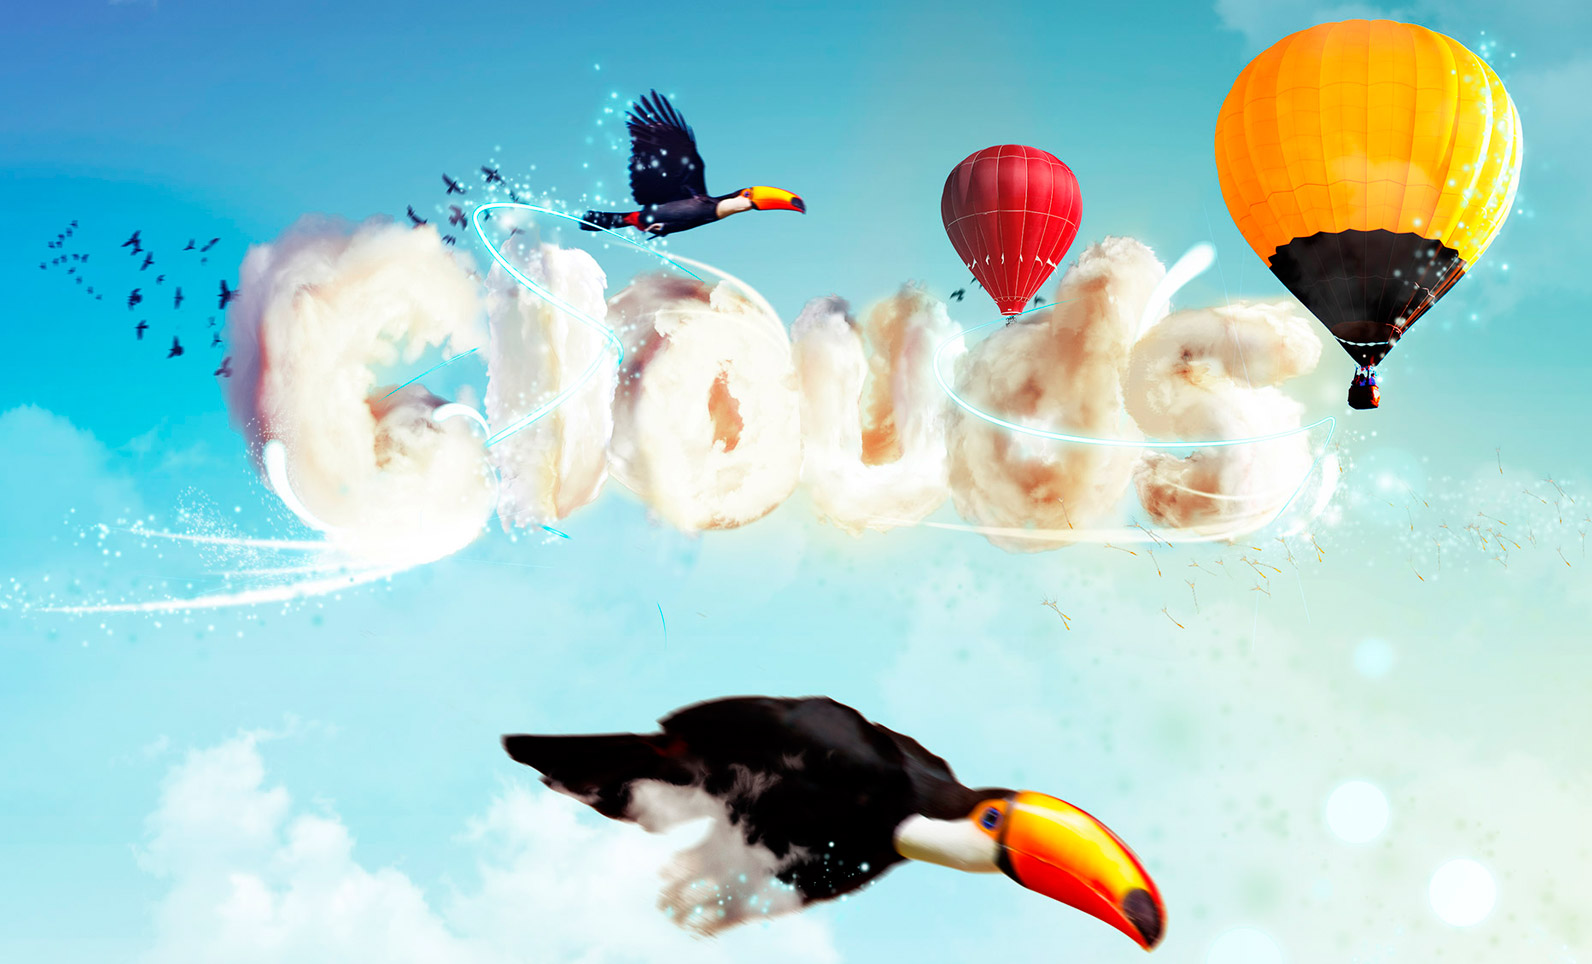 Tipografía con nubes